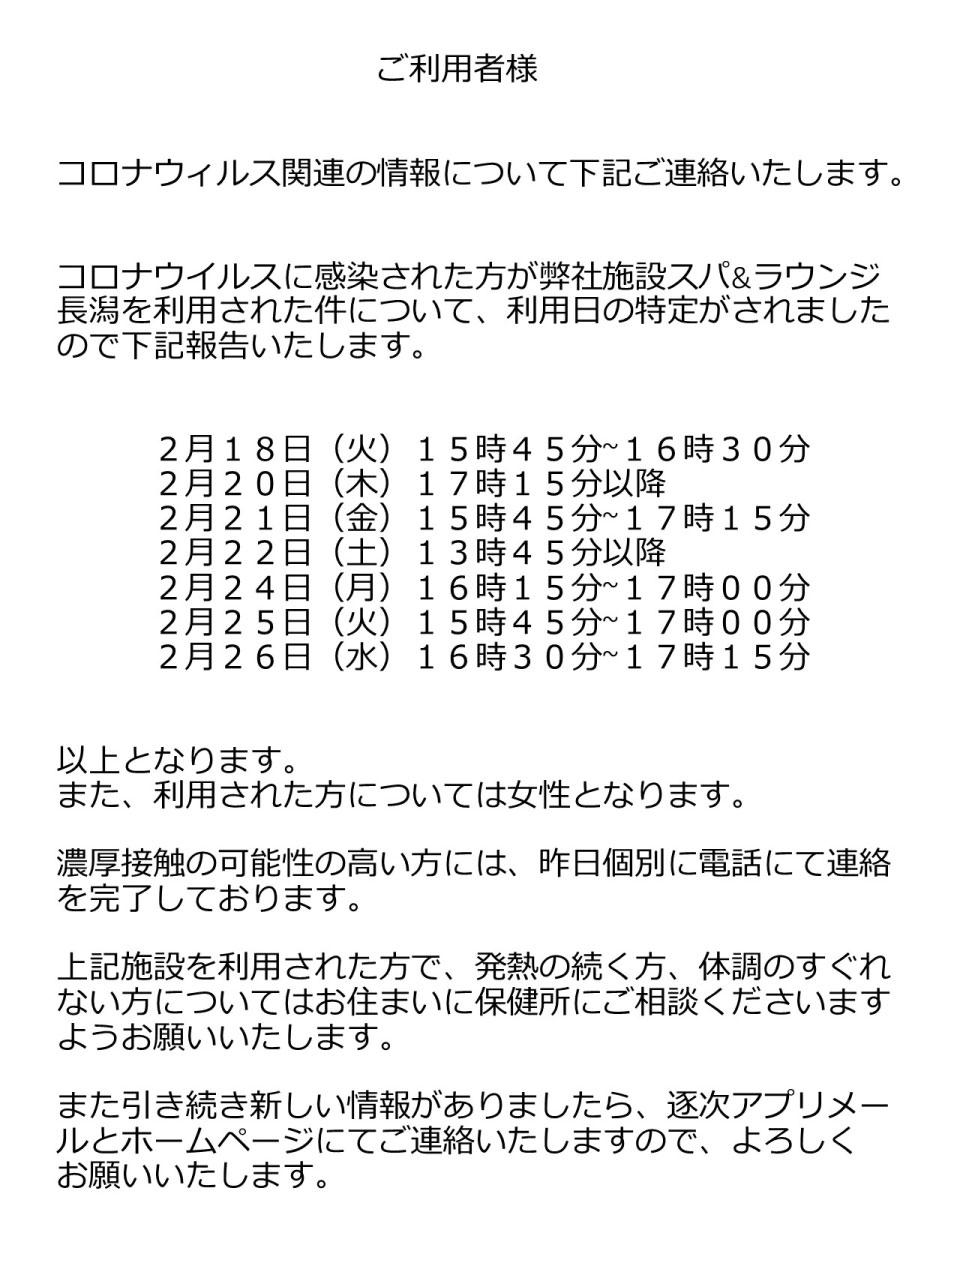 情報 コロナ 新潟 県 最新